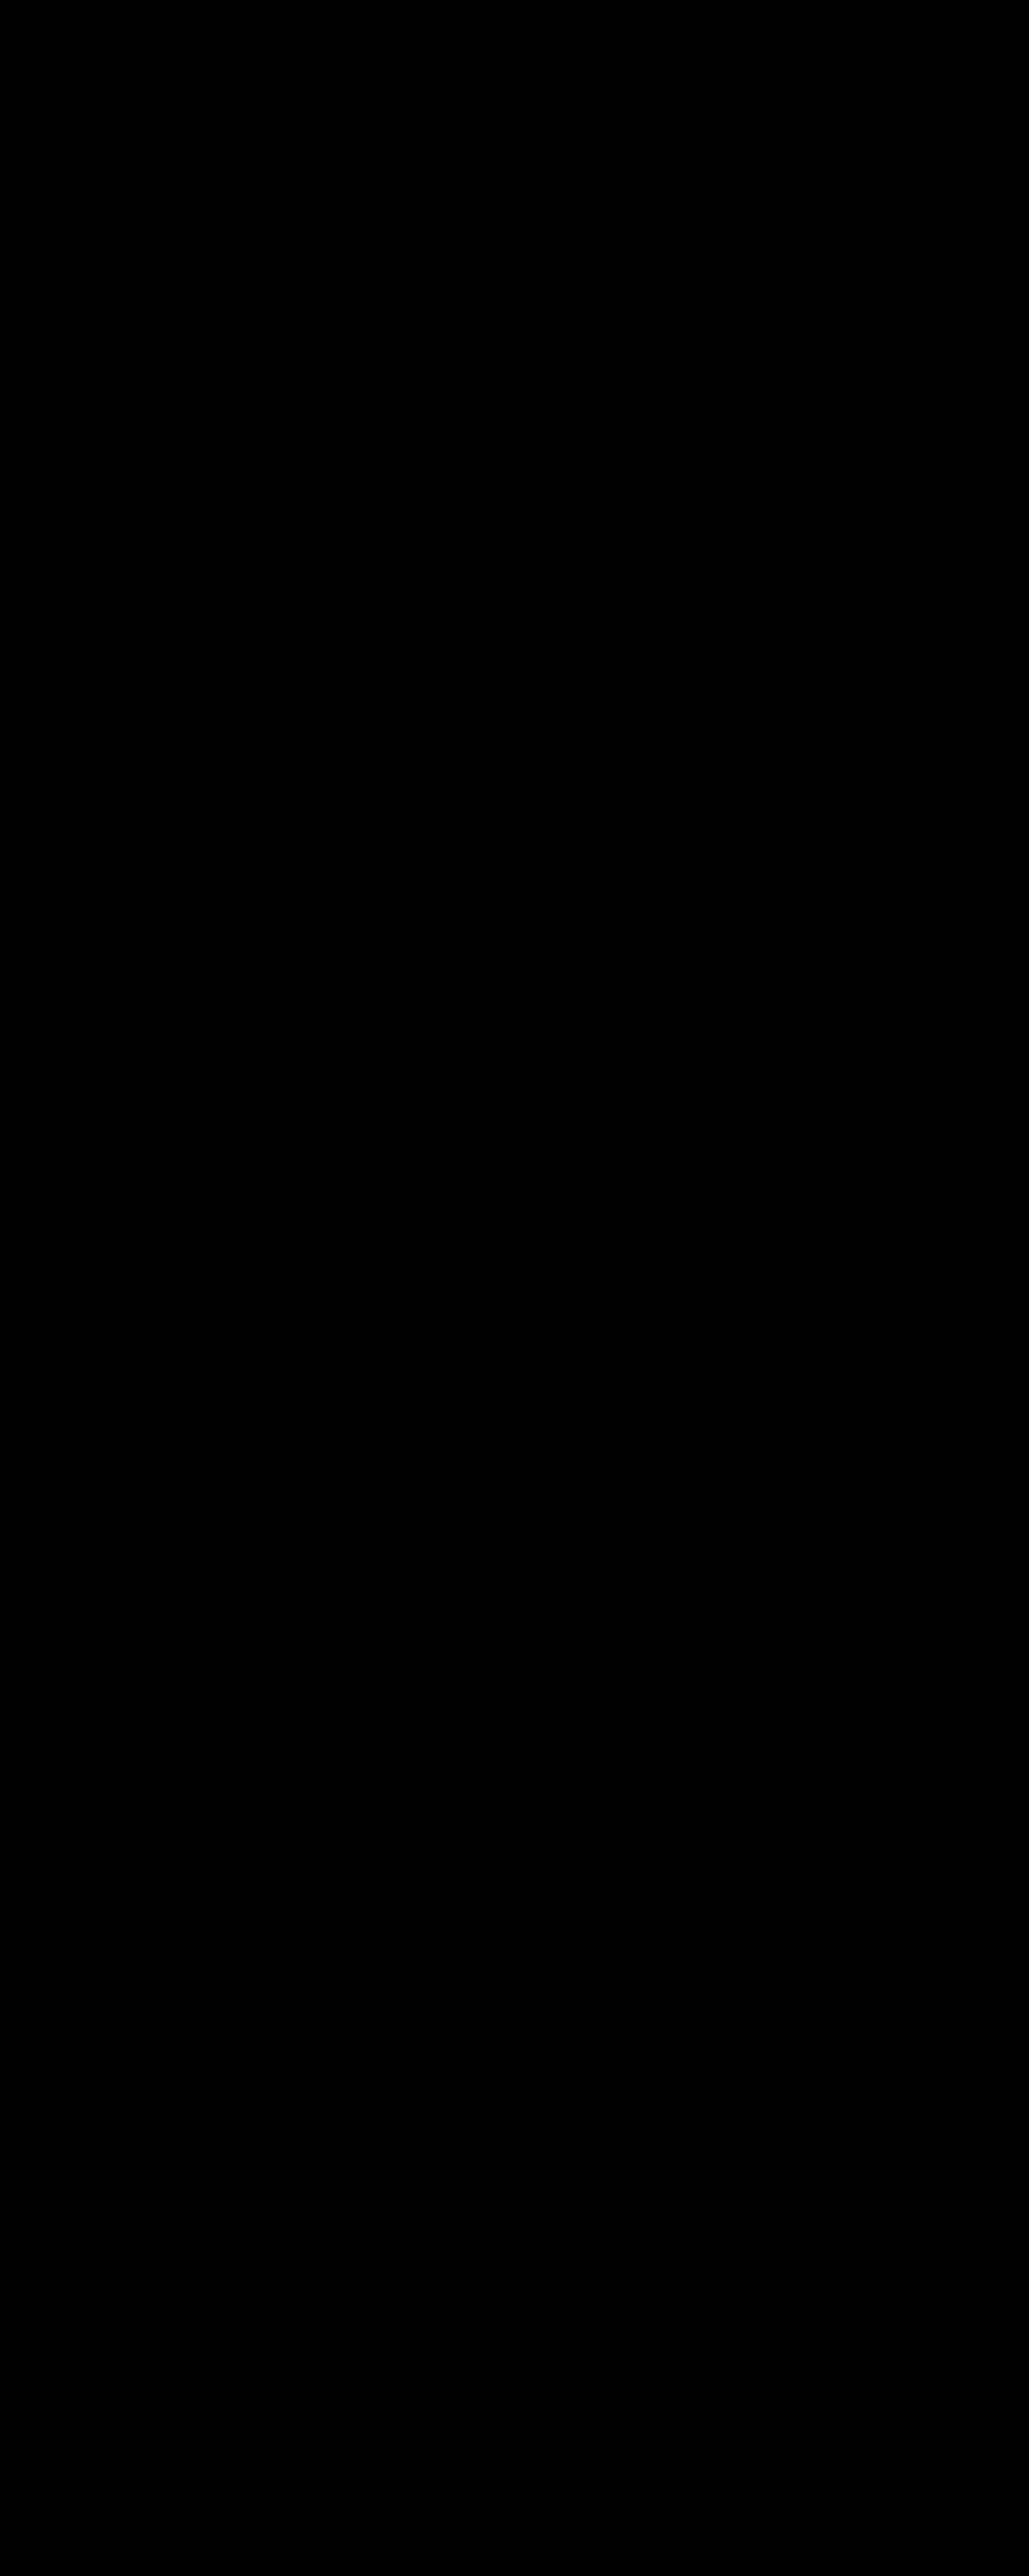 名颂官网-10_看图王